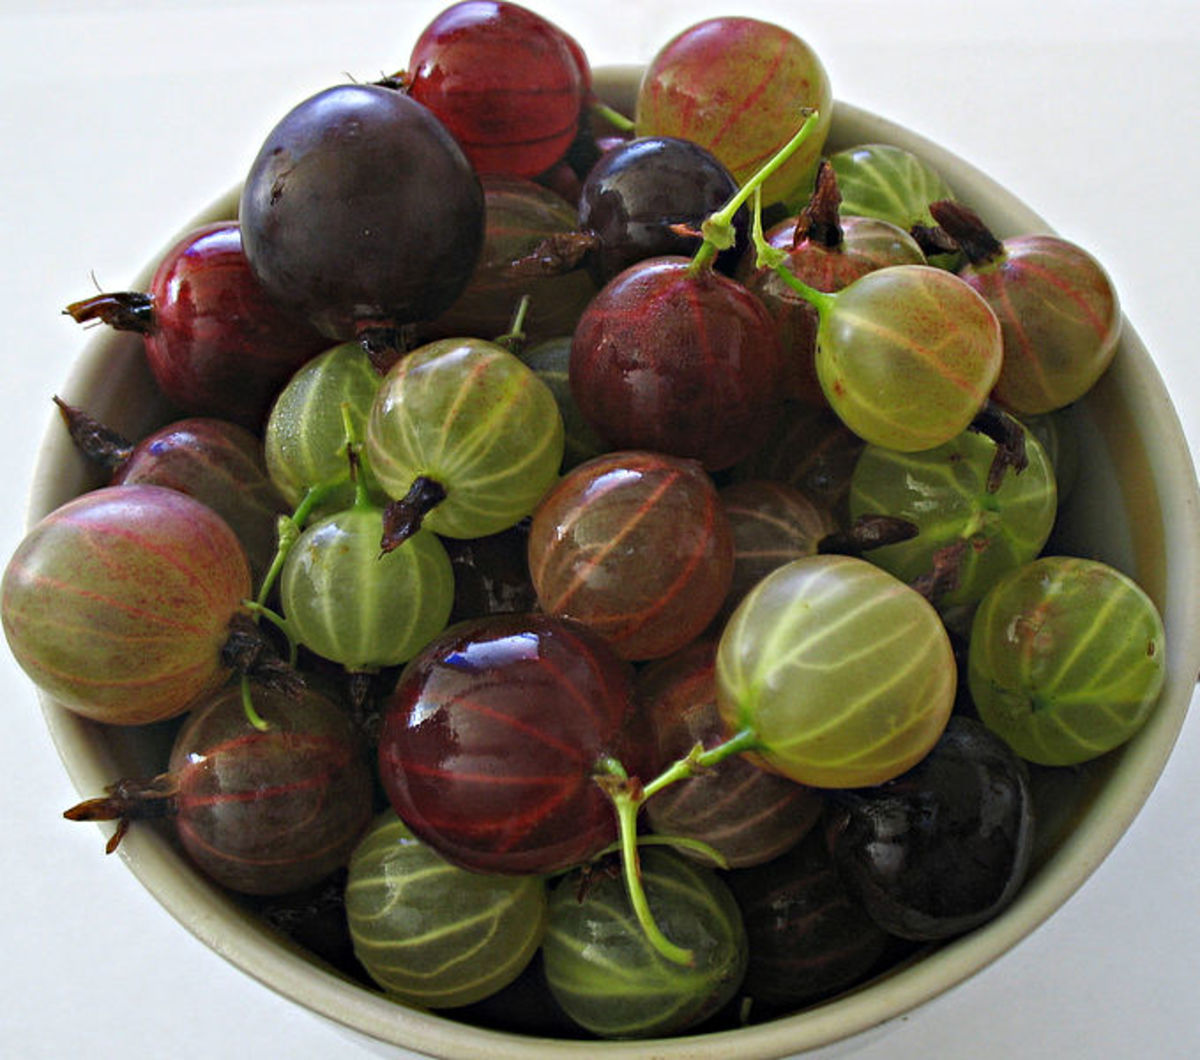 Indian gooseberries & other varieties